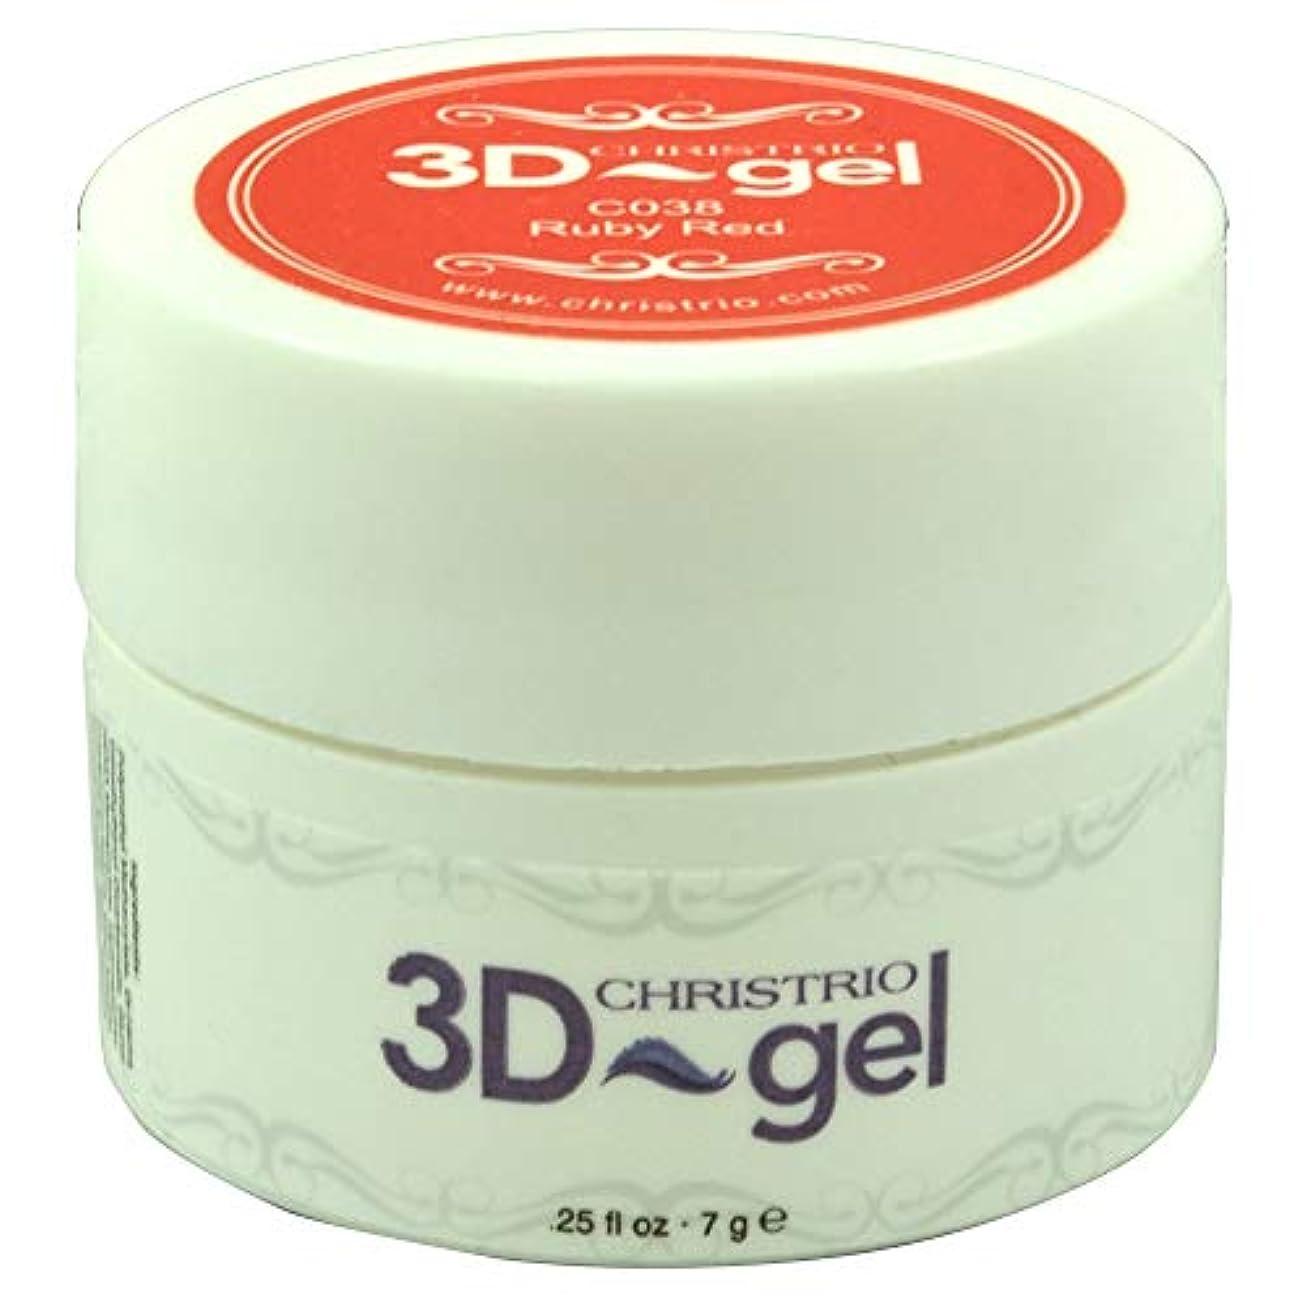 テザー追い越すゴミ箱を空にするCHRISTRIO 3Dジェル 7g C038 ルビーレッド